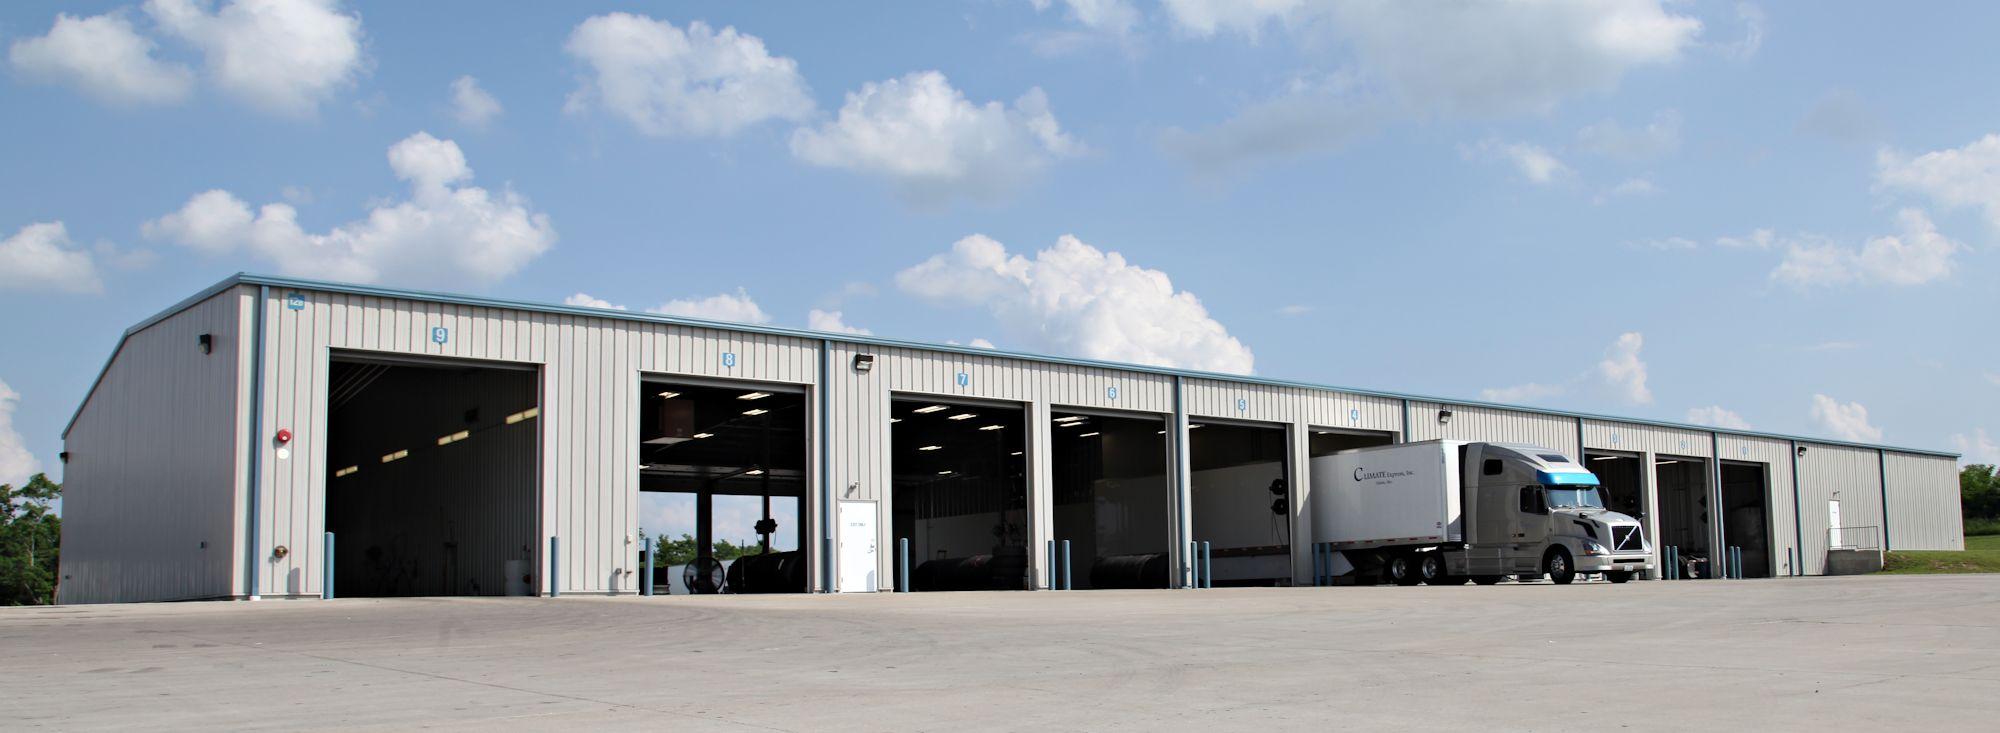 warehouse-facility